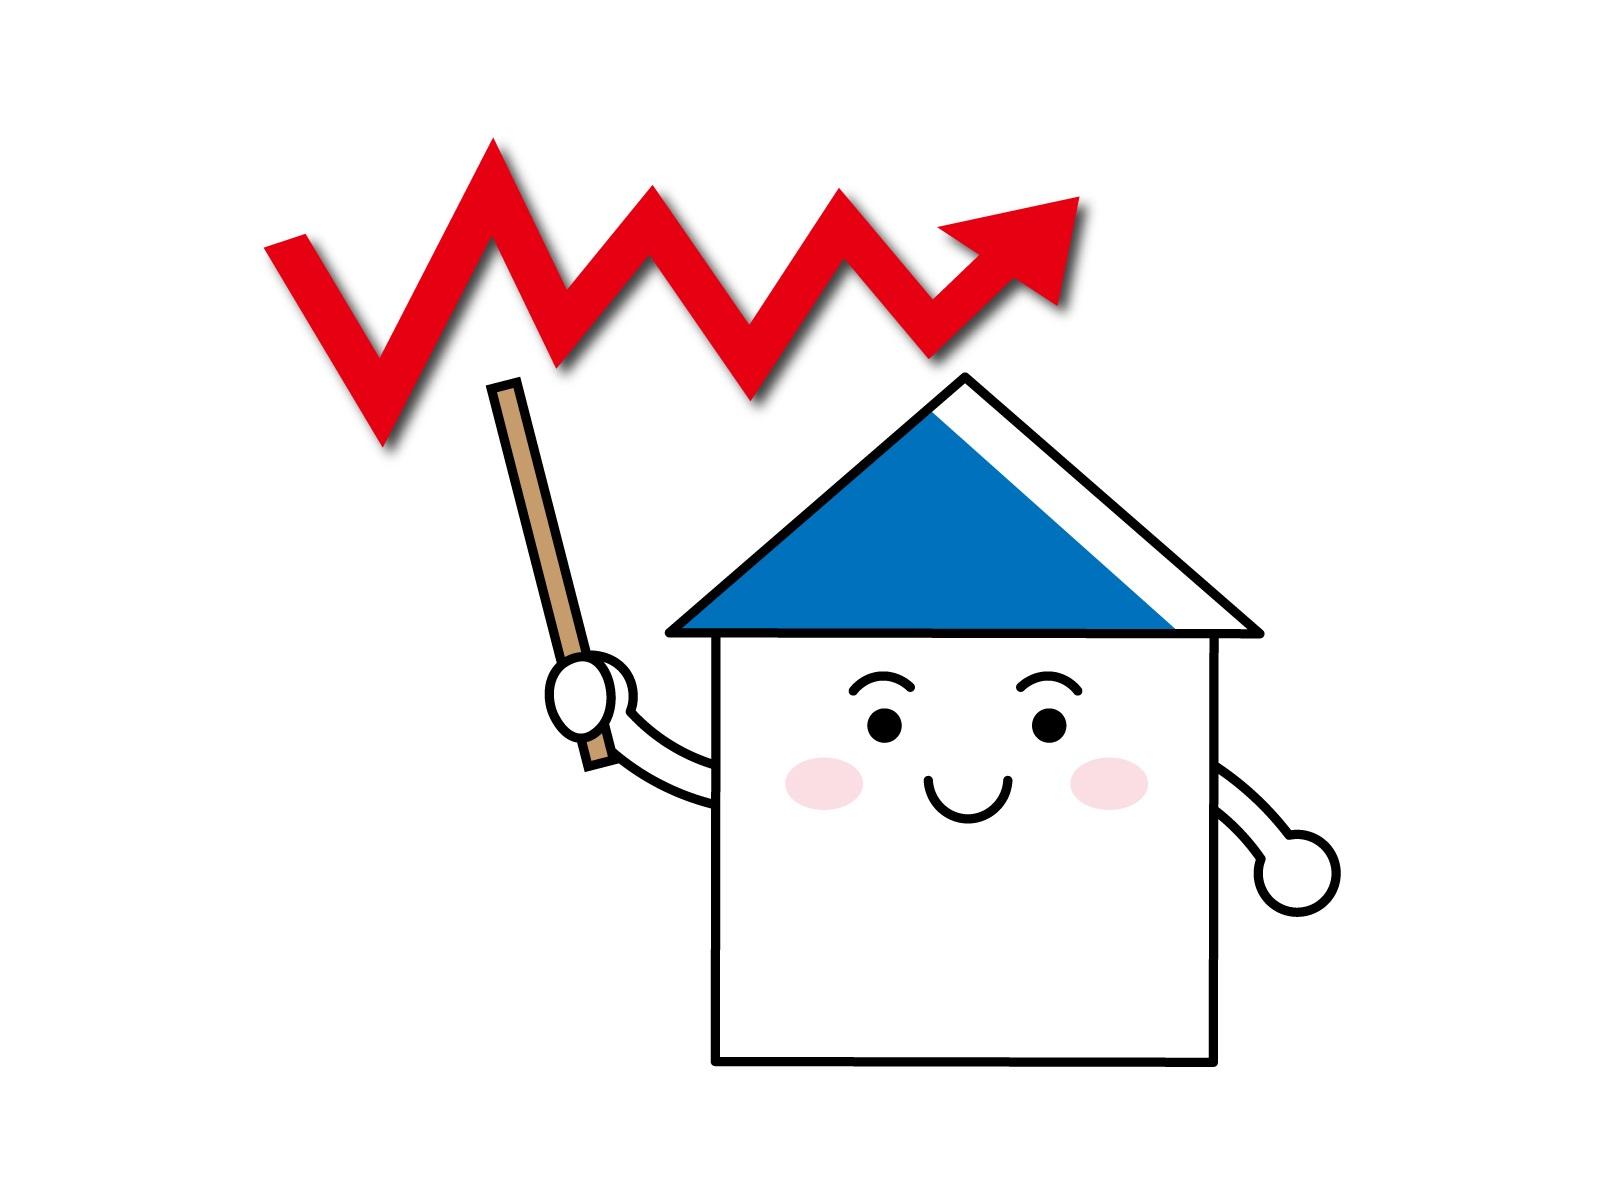 住宅ローン利用者の実態調査から見た一番多い借入方法とは?